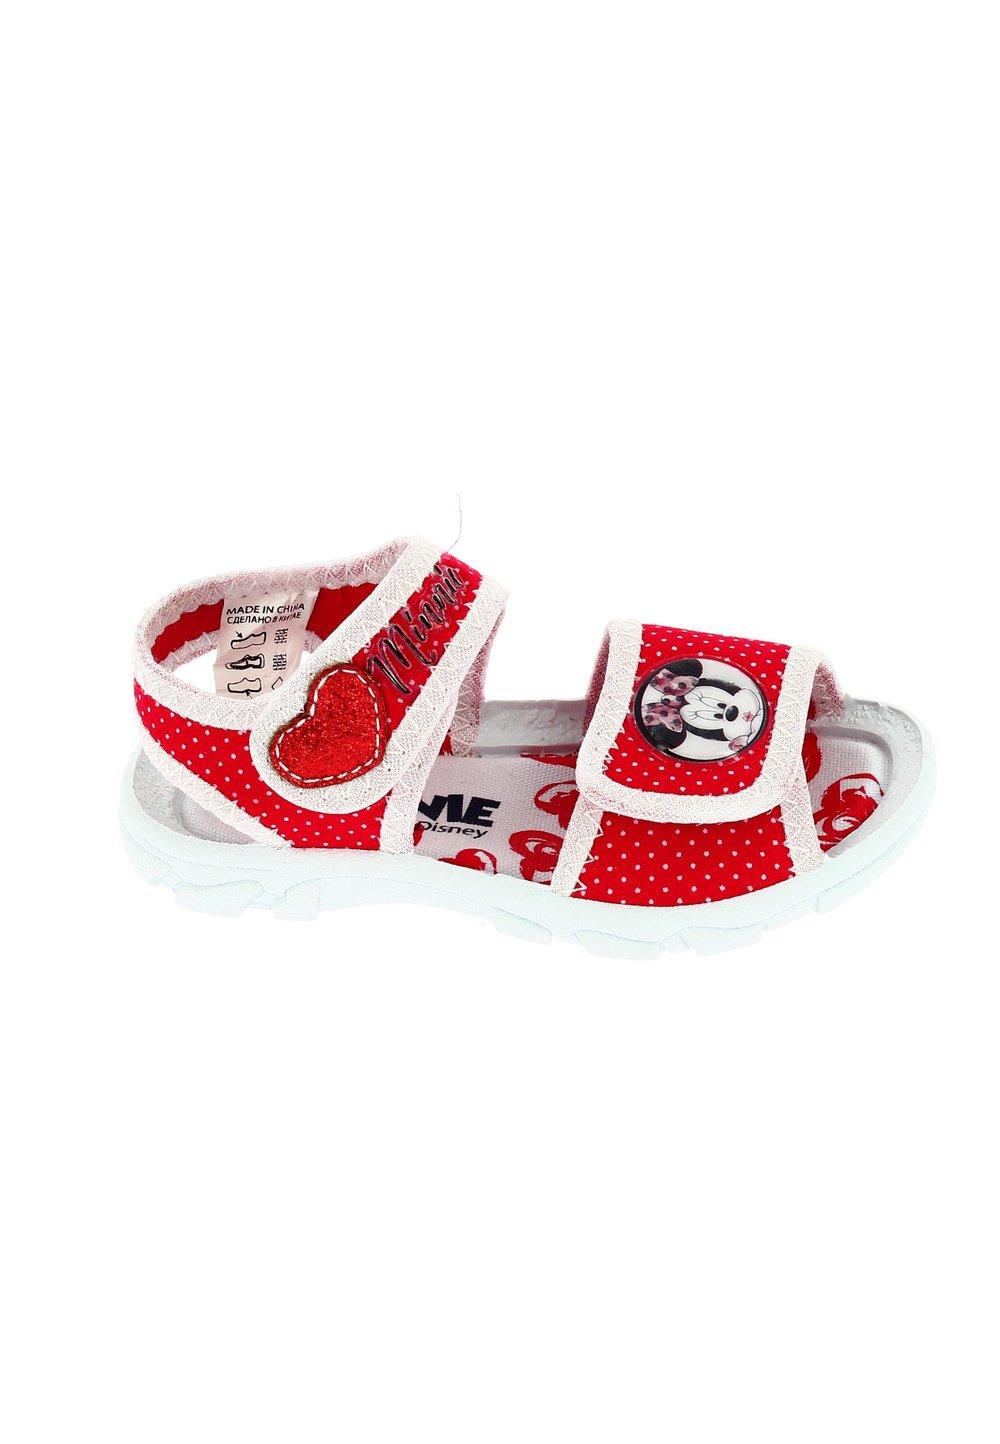 Sandale, rosii cu buline albe, Minnie Mouse imagine